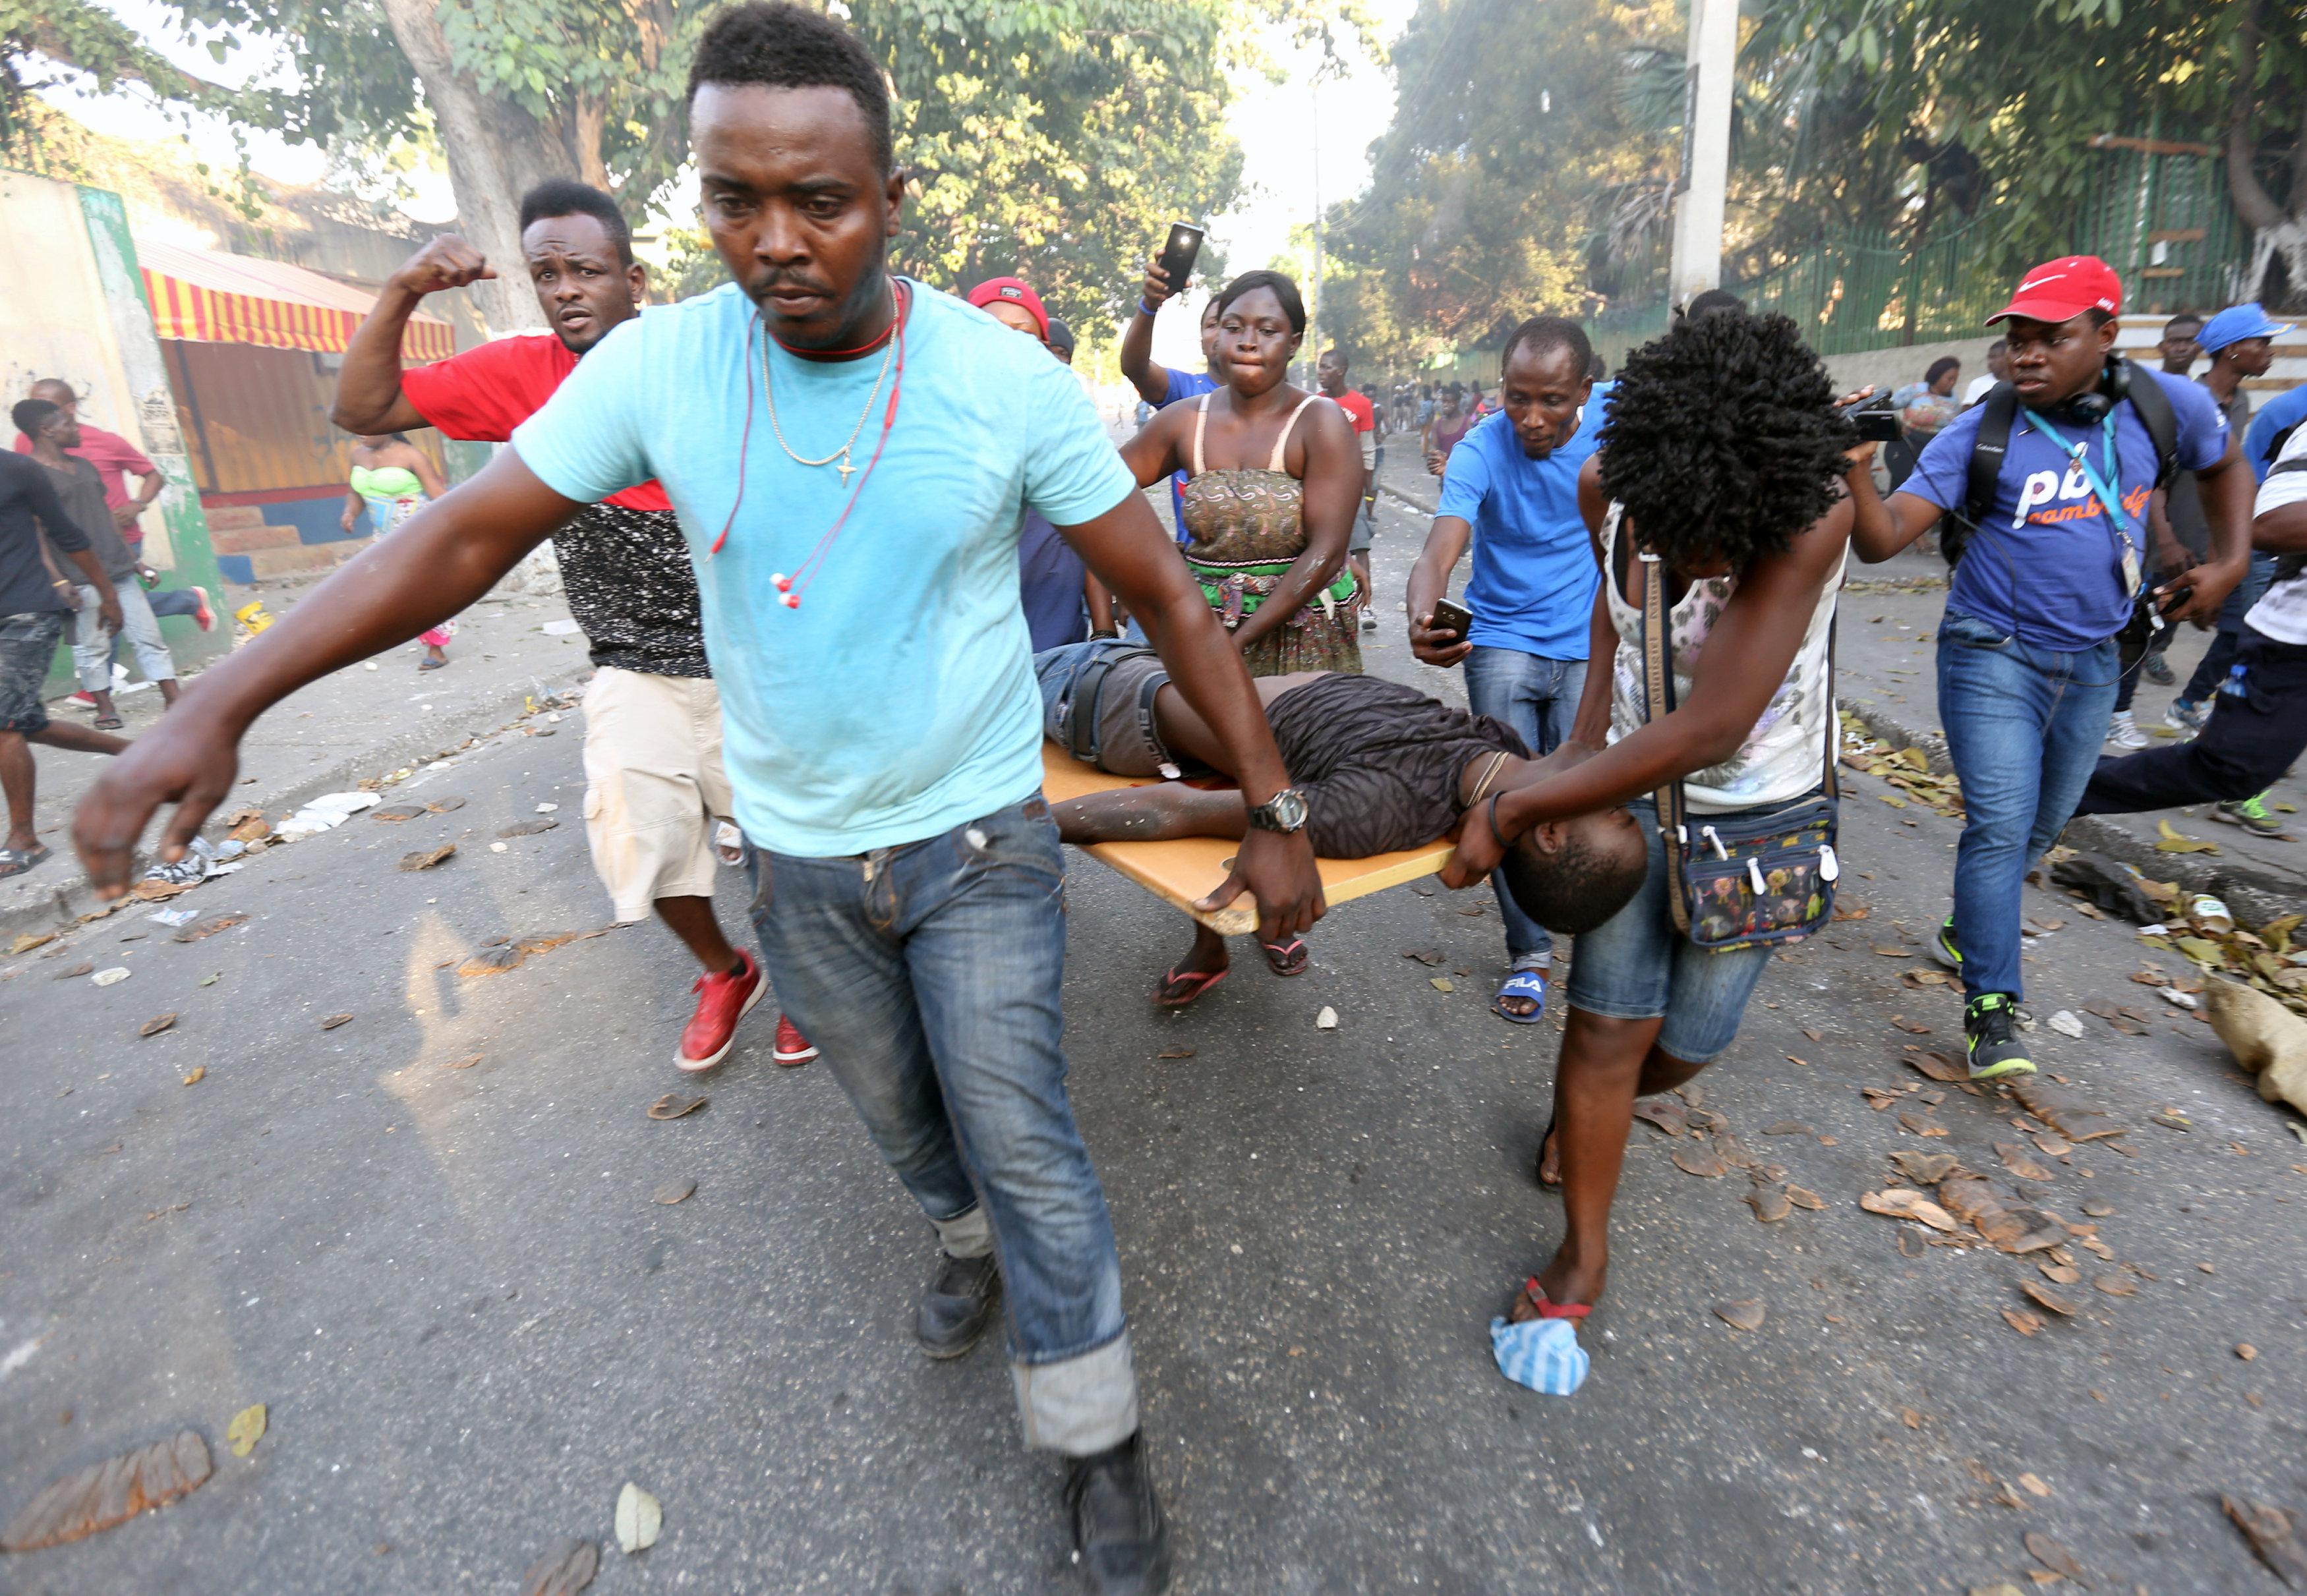 شوارع هايتى تتحول لساحة حرب خلال مظاهرات عنيفة  (7)